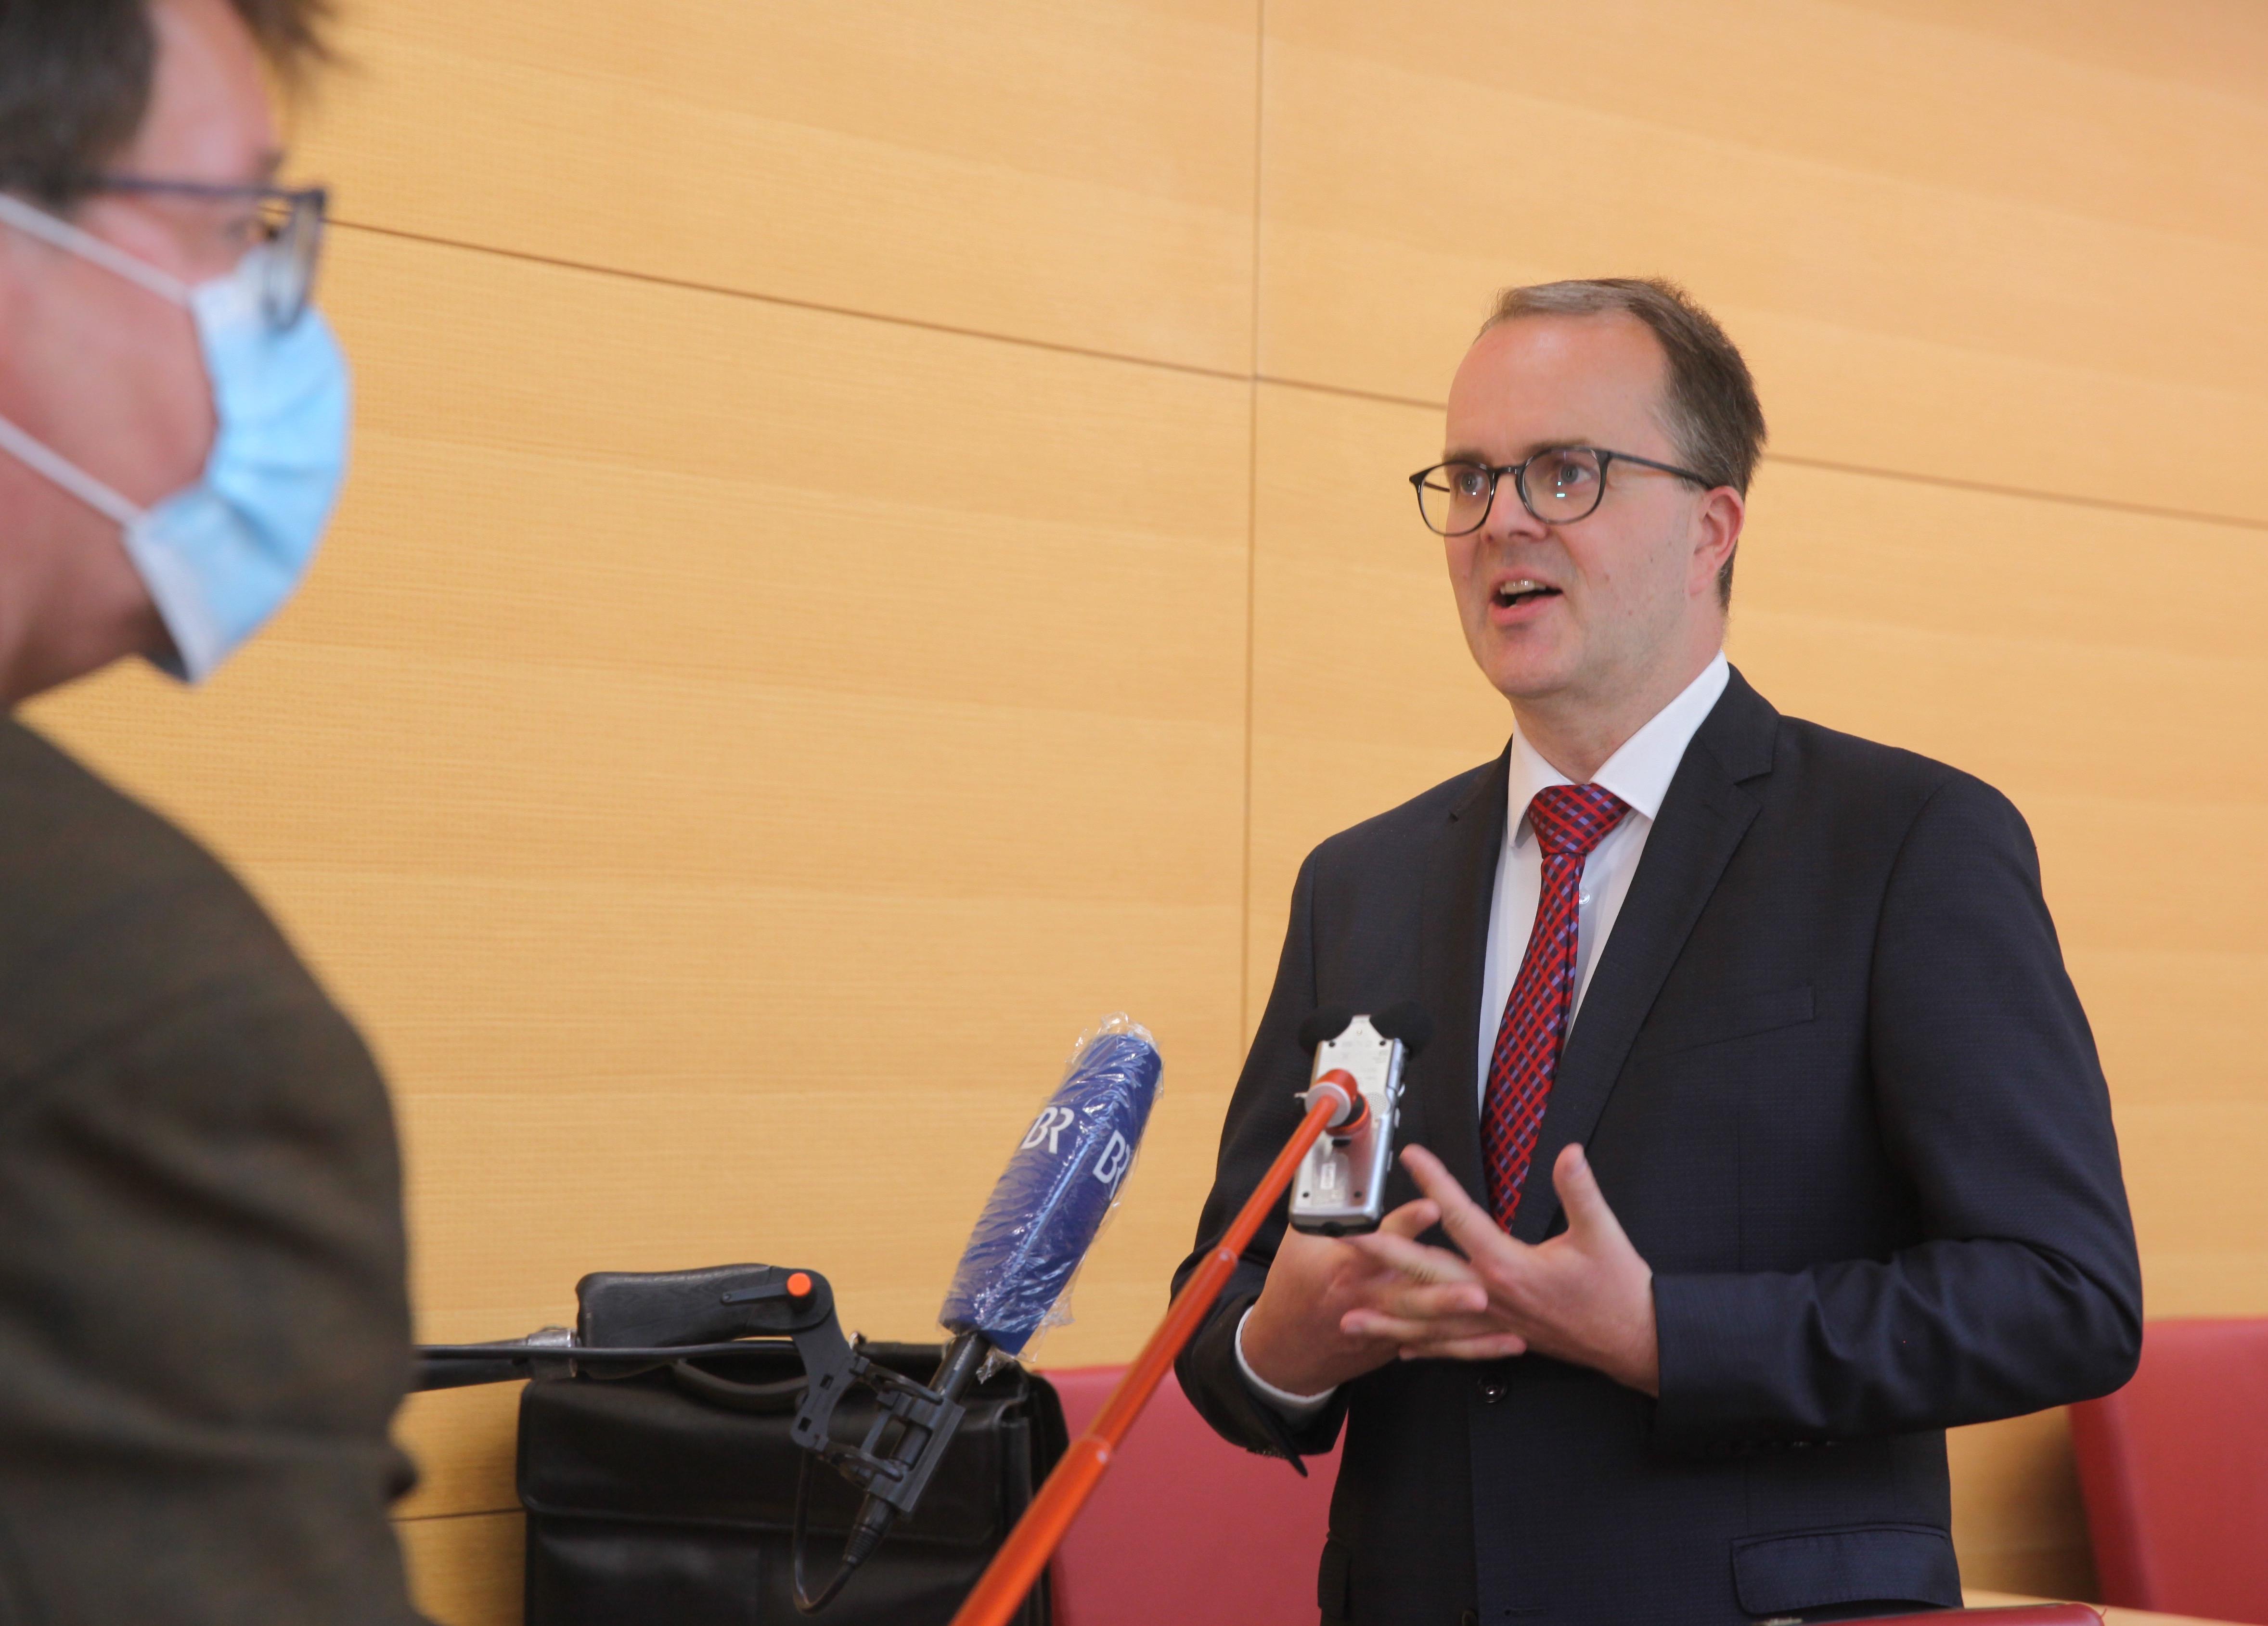 德國巴州議員:不應用稅款資助孔子學院